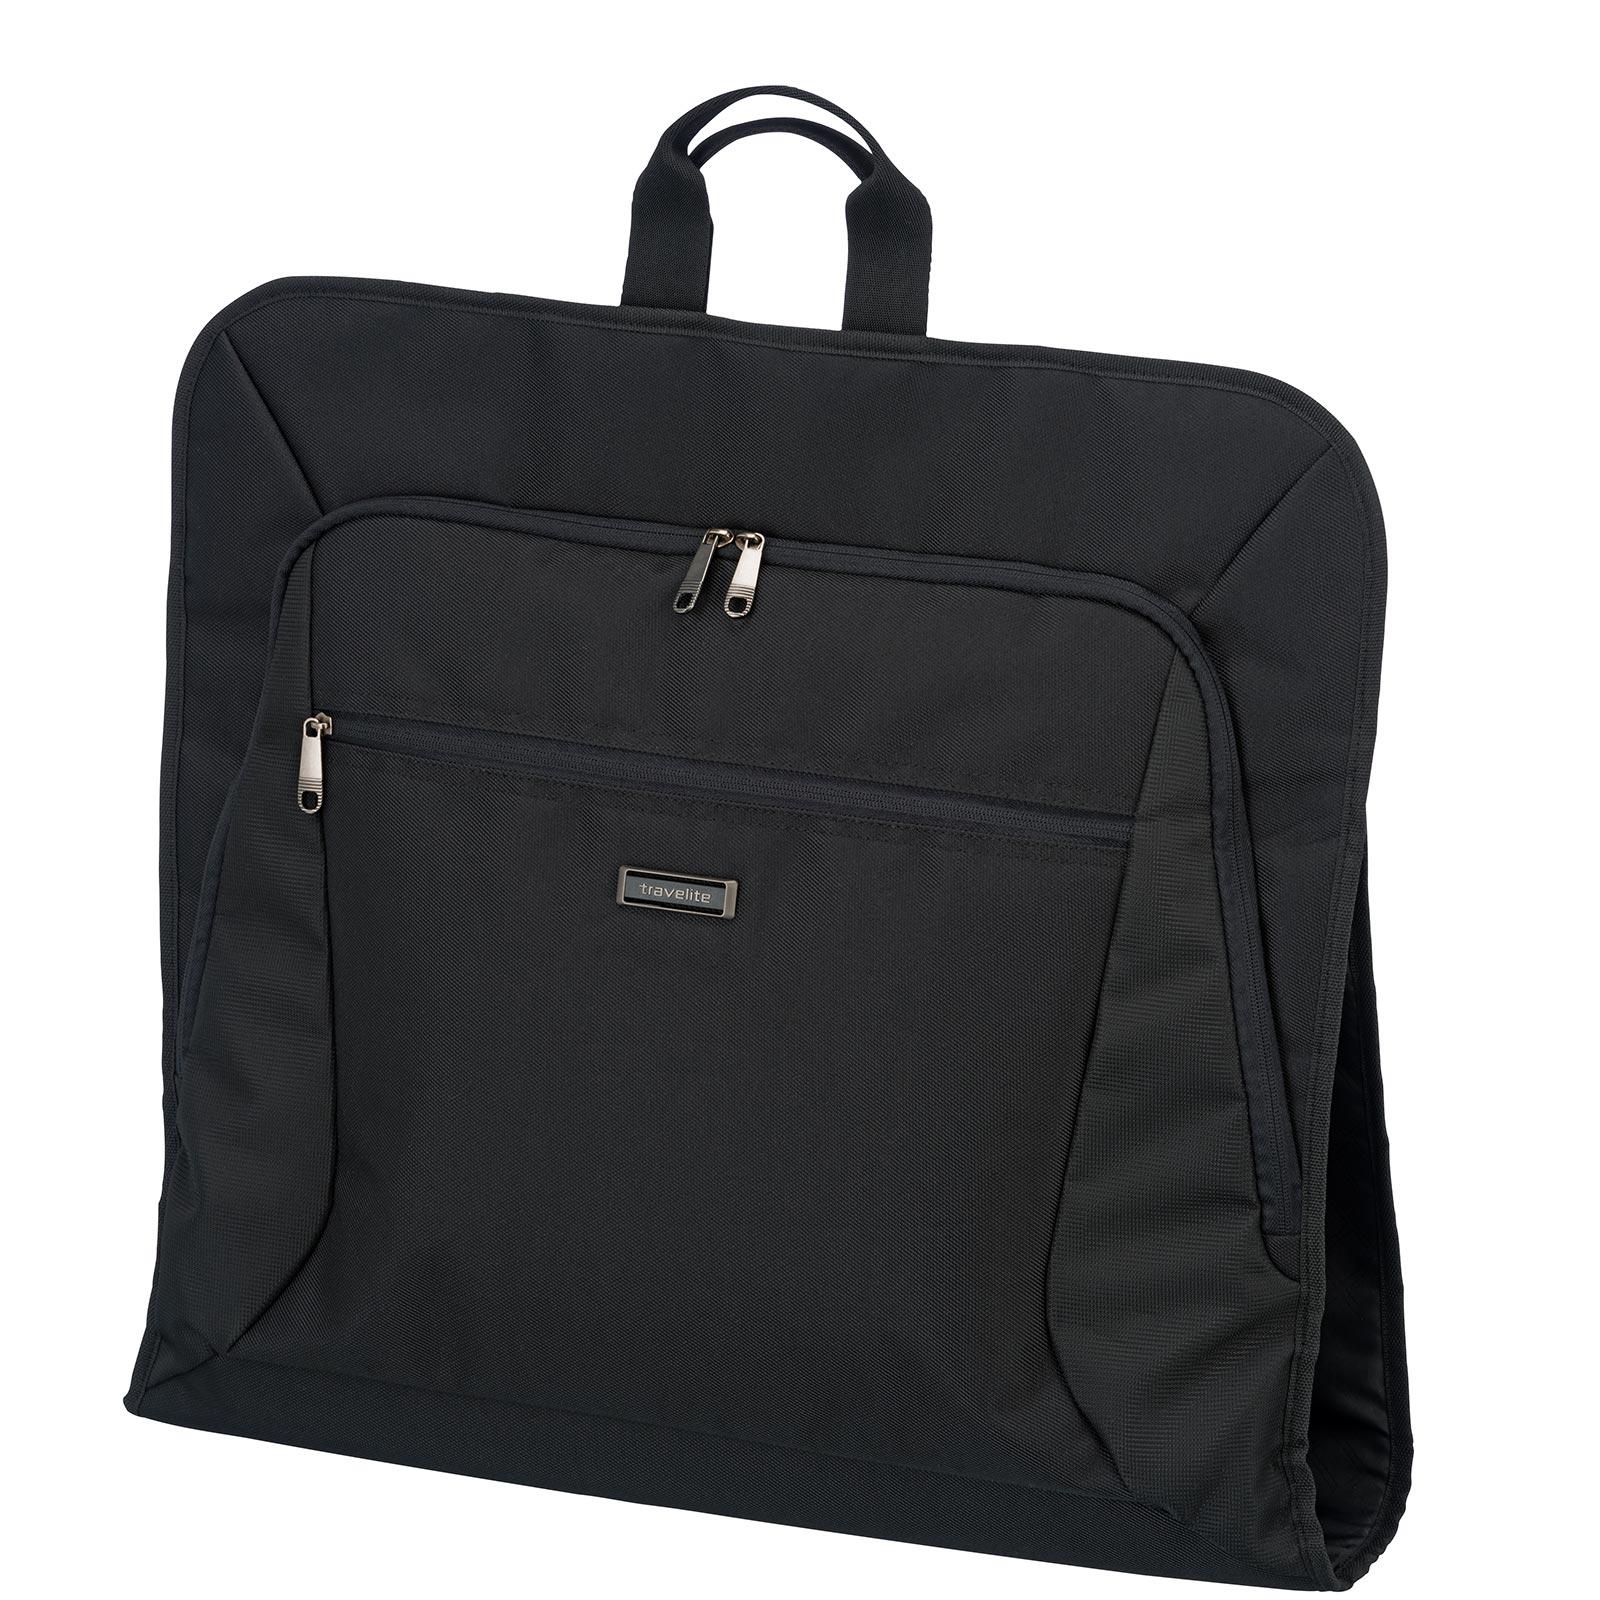 travelite Mobile Kleidersack 15 l - Schwarz 001717-01